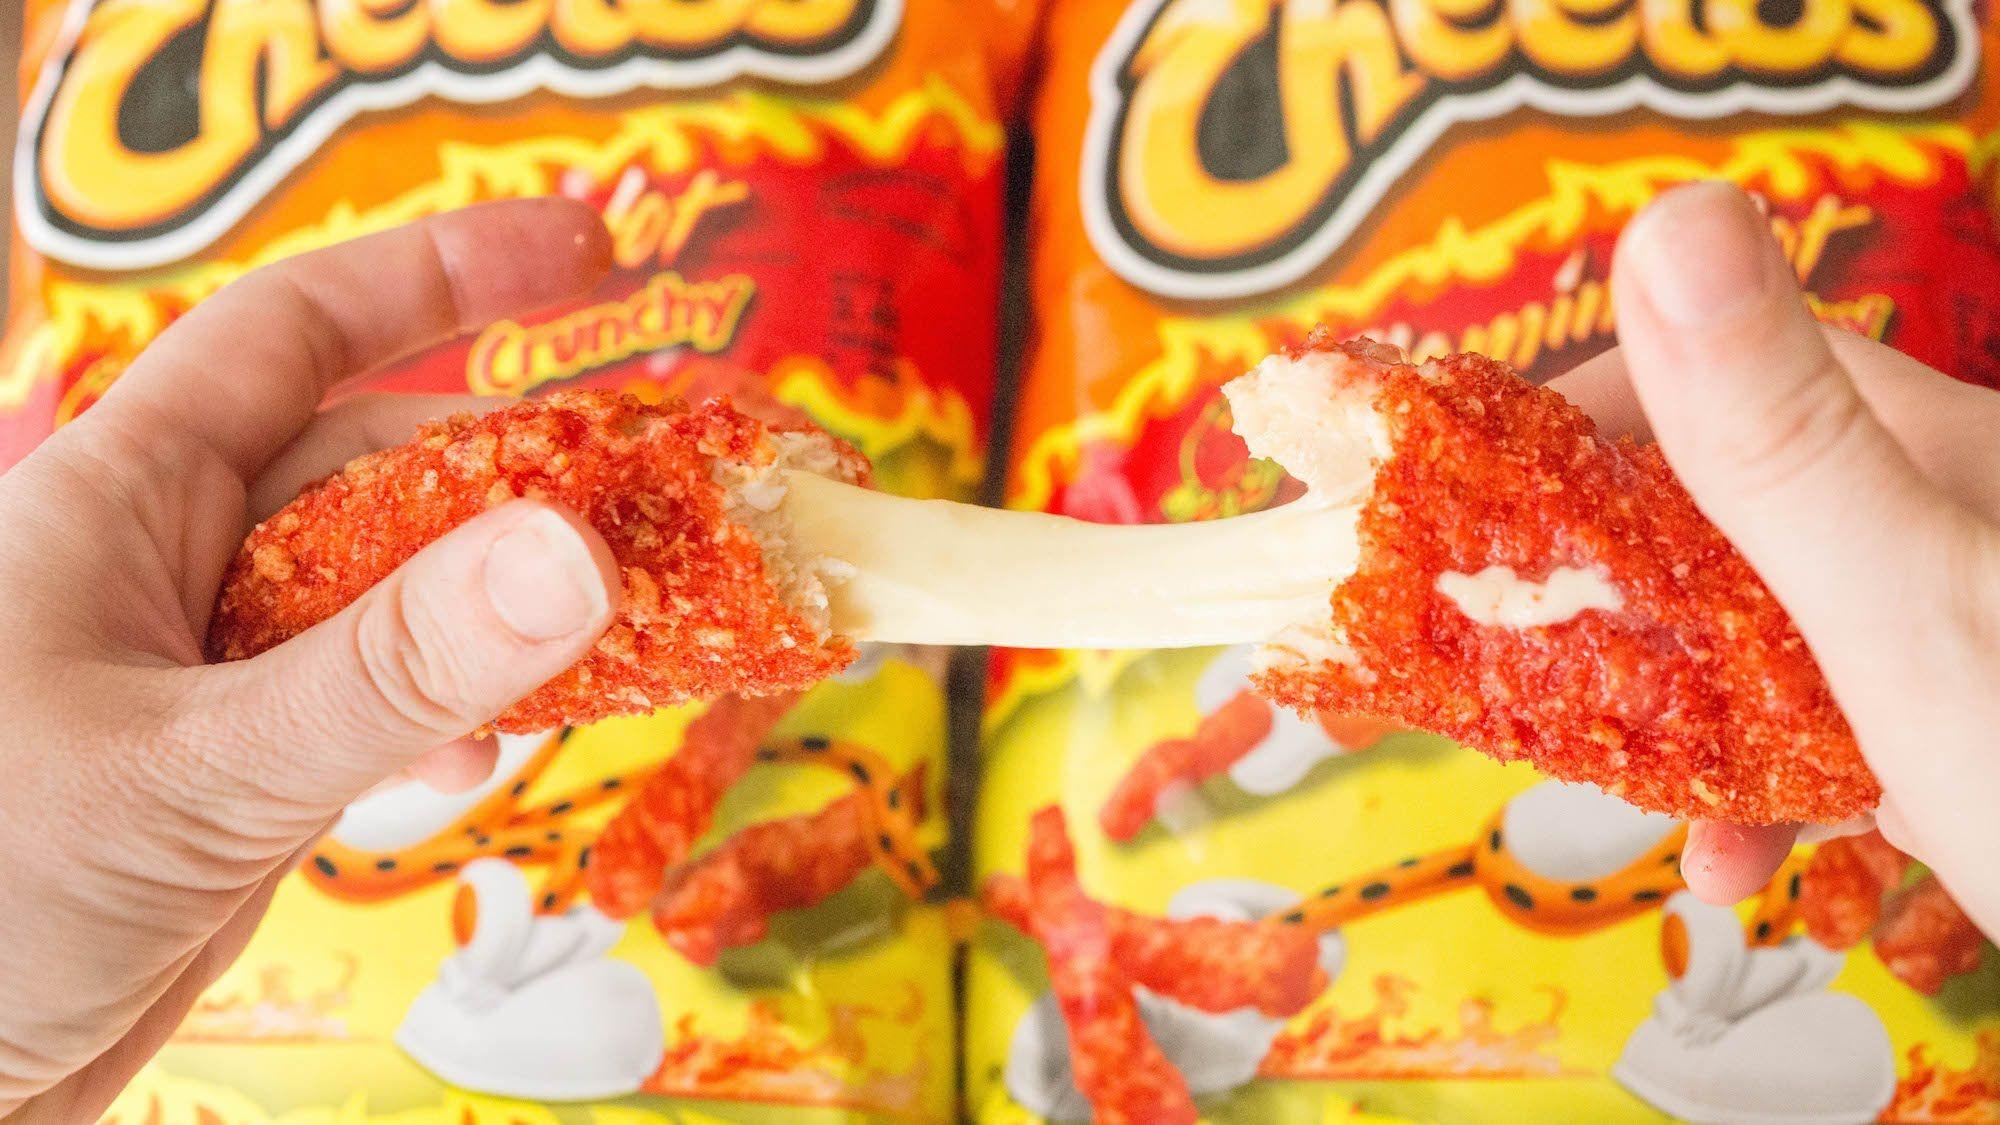 Flamin hot cheetos chicken mozzarella sticks mozzarella